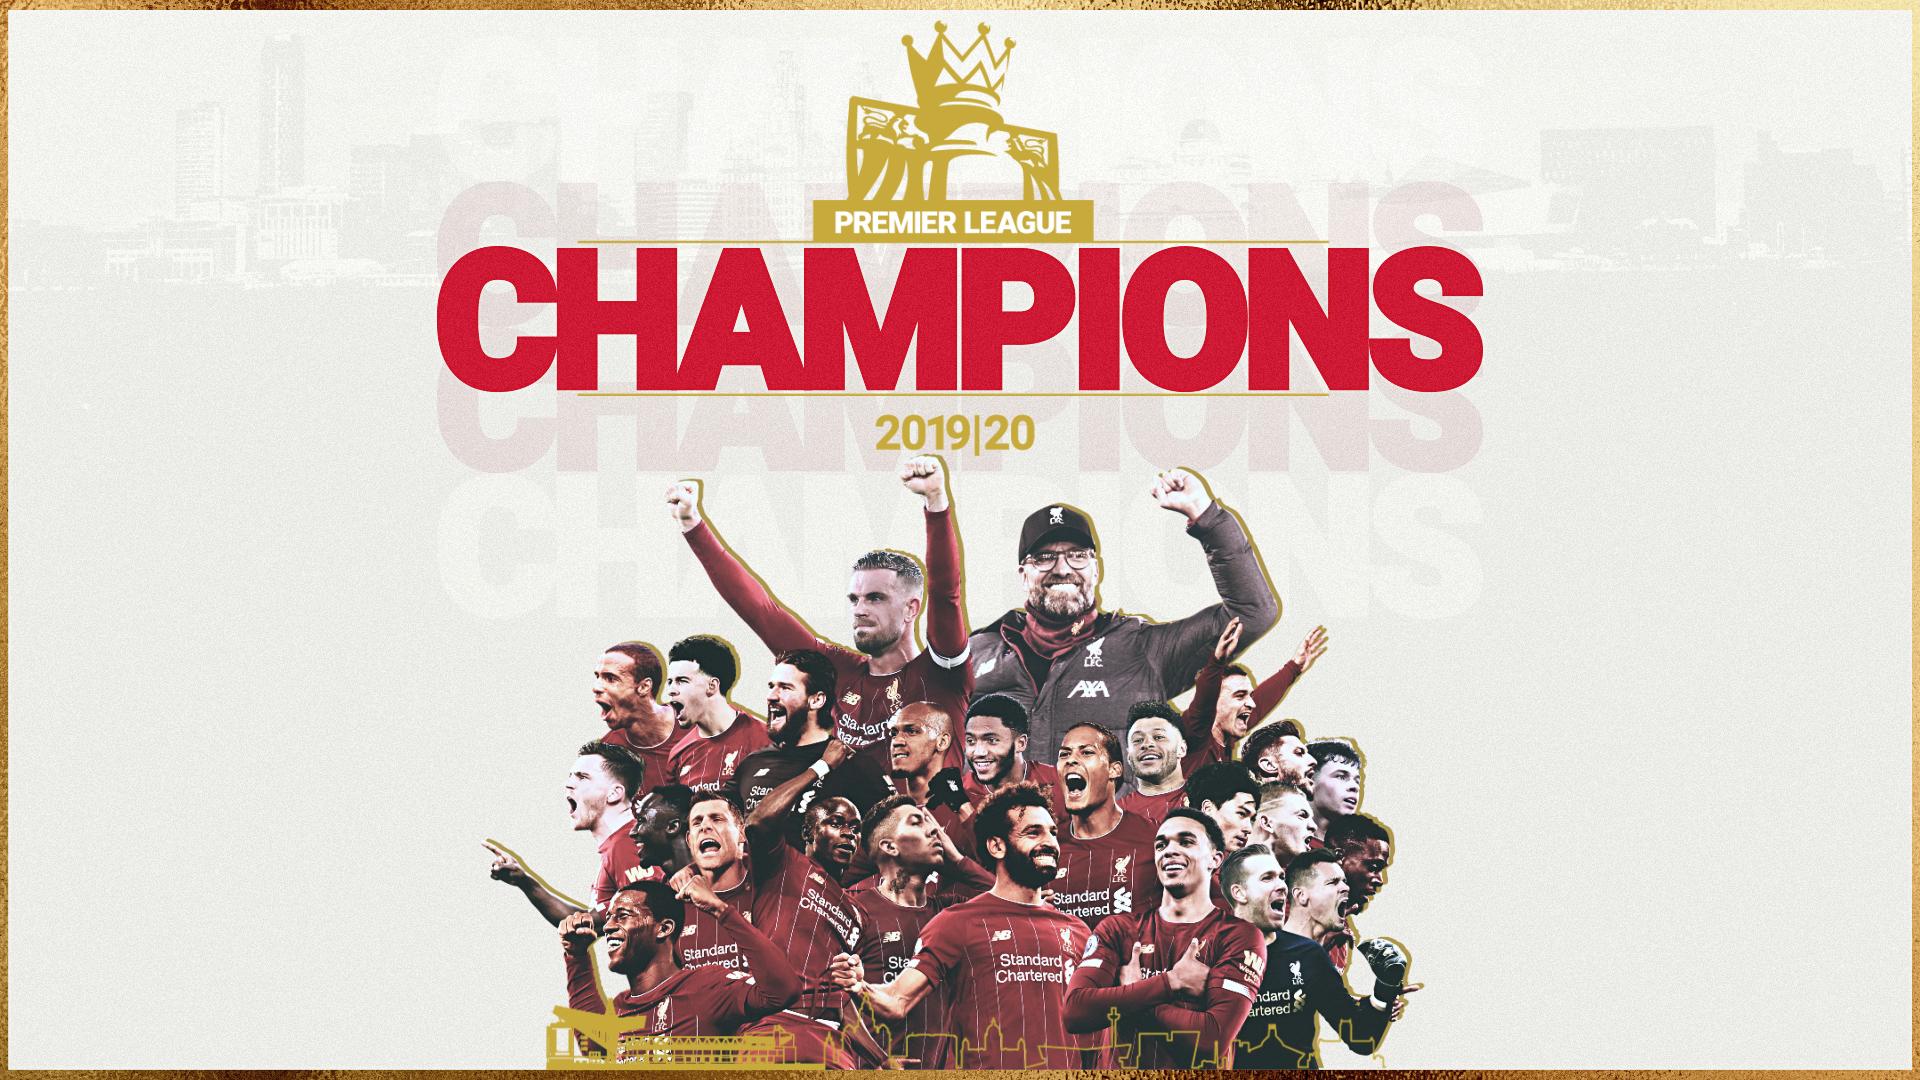 re premier league champions